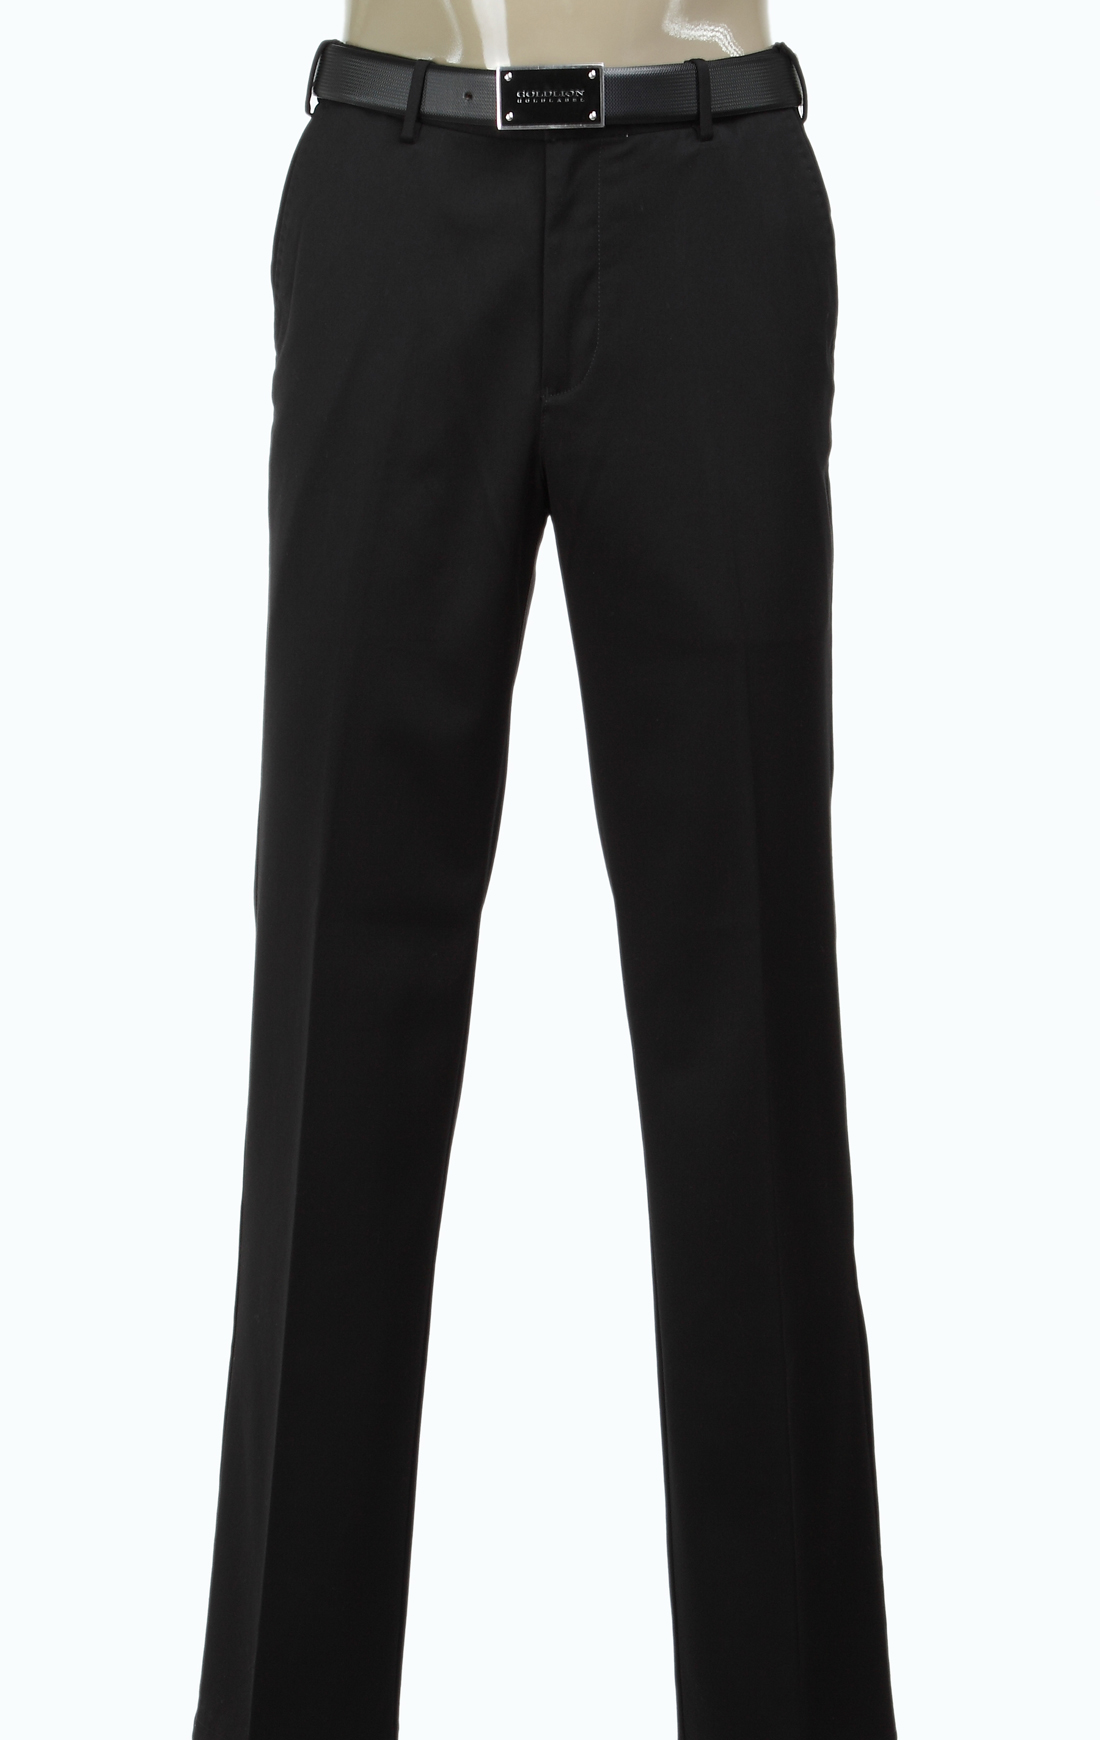 Повседневные брюки Goldlion tpcd128/32002/99 TPCD128-32002